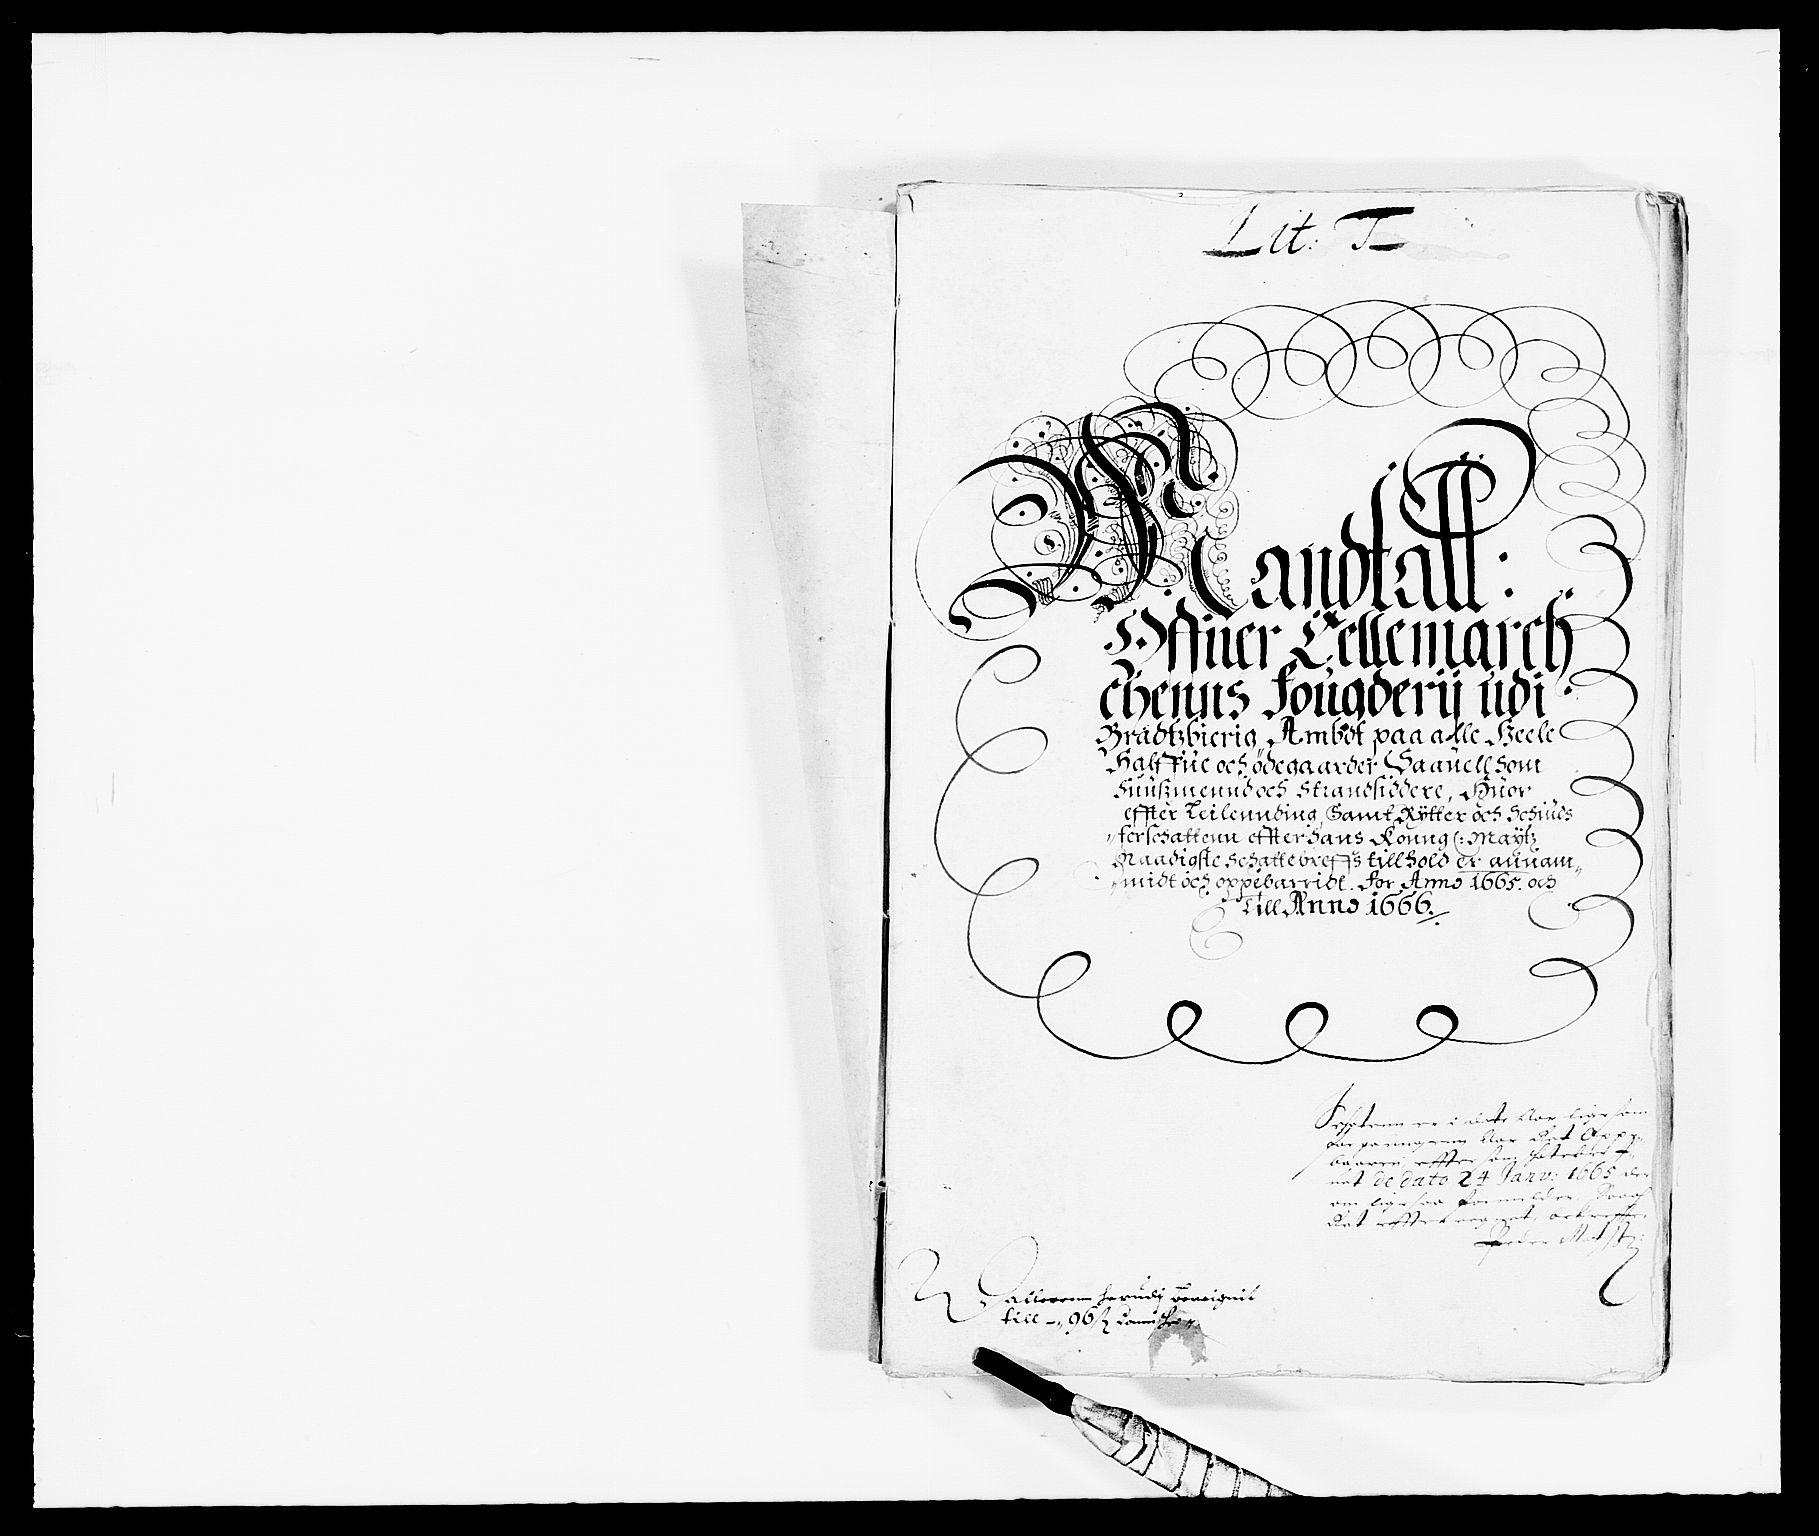 RA, Rentekammeret inntil 1814, Reviderte regnskaper, Fogderegnskap, R35/L2056: Fogderegnskap Øvre og Nedre Telemark, 1665, s. 9